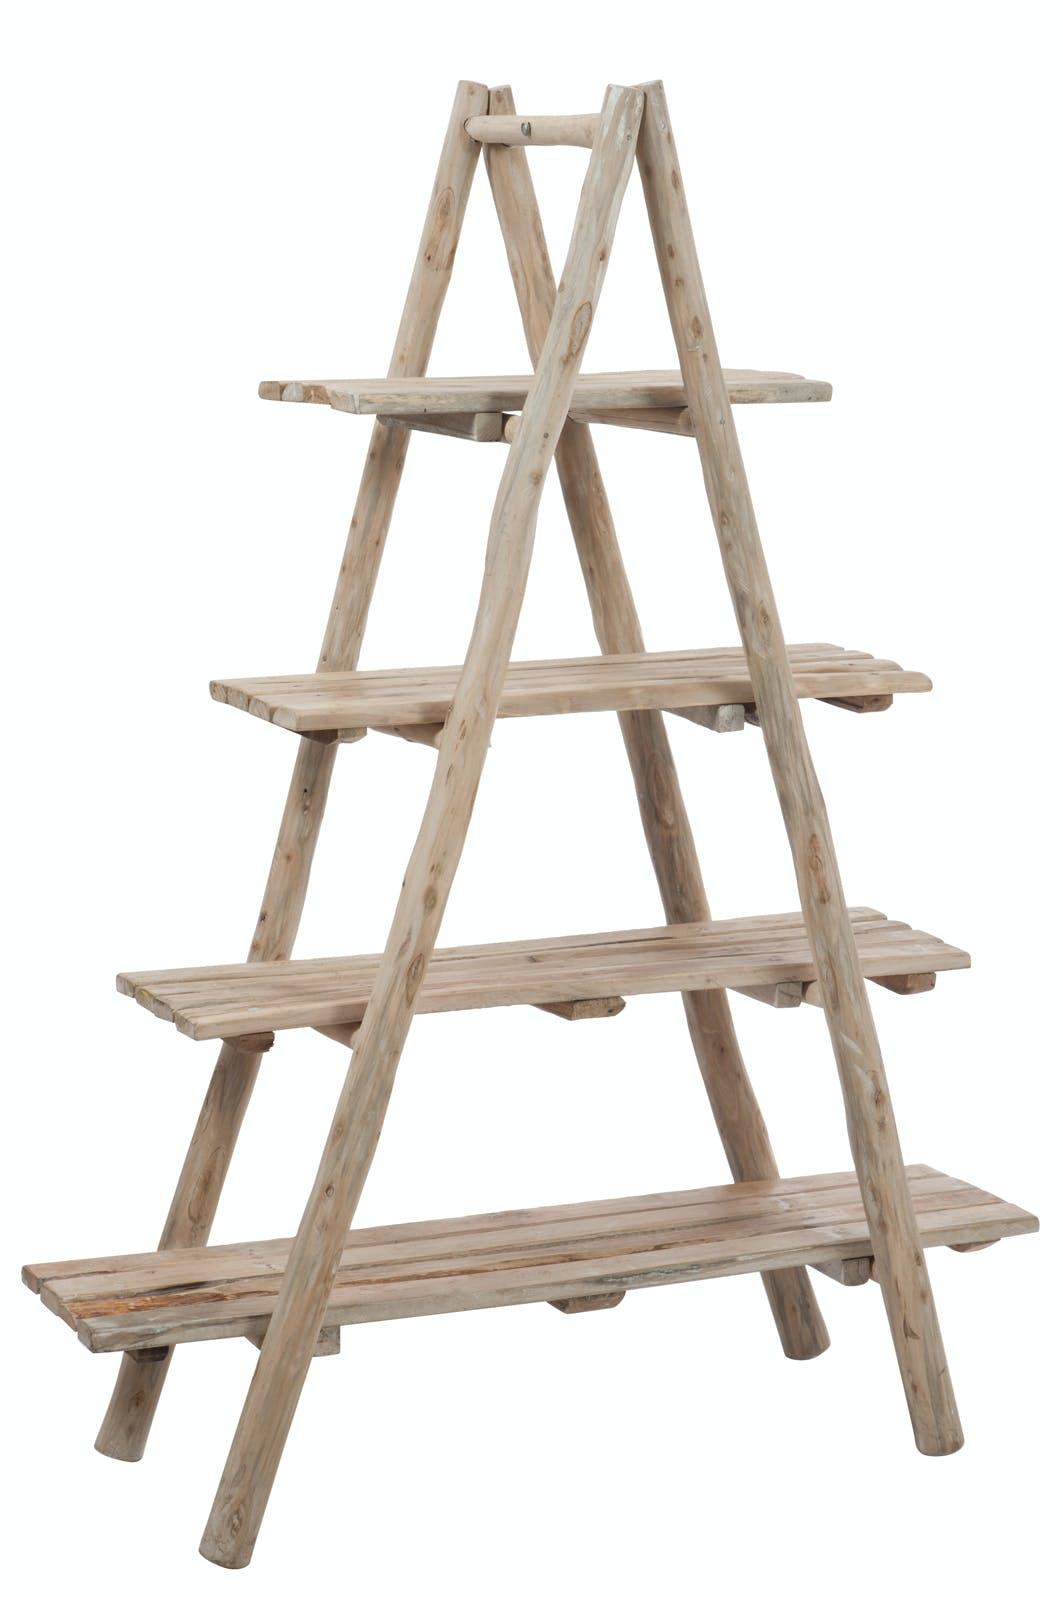 Etagère pyramide 4 planches en bois naturel 160x40x120cm